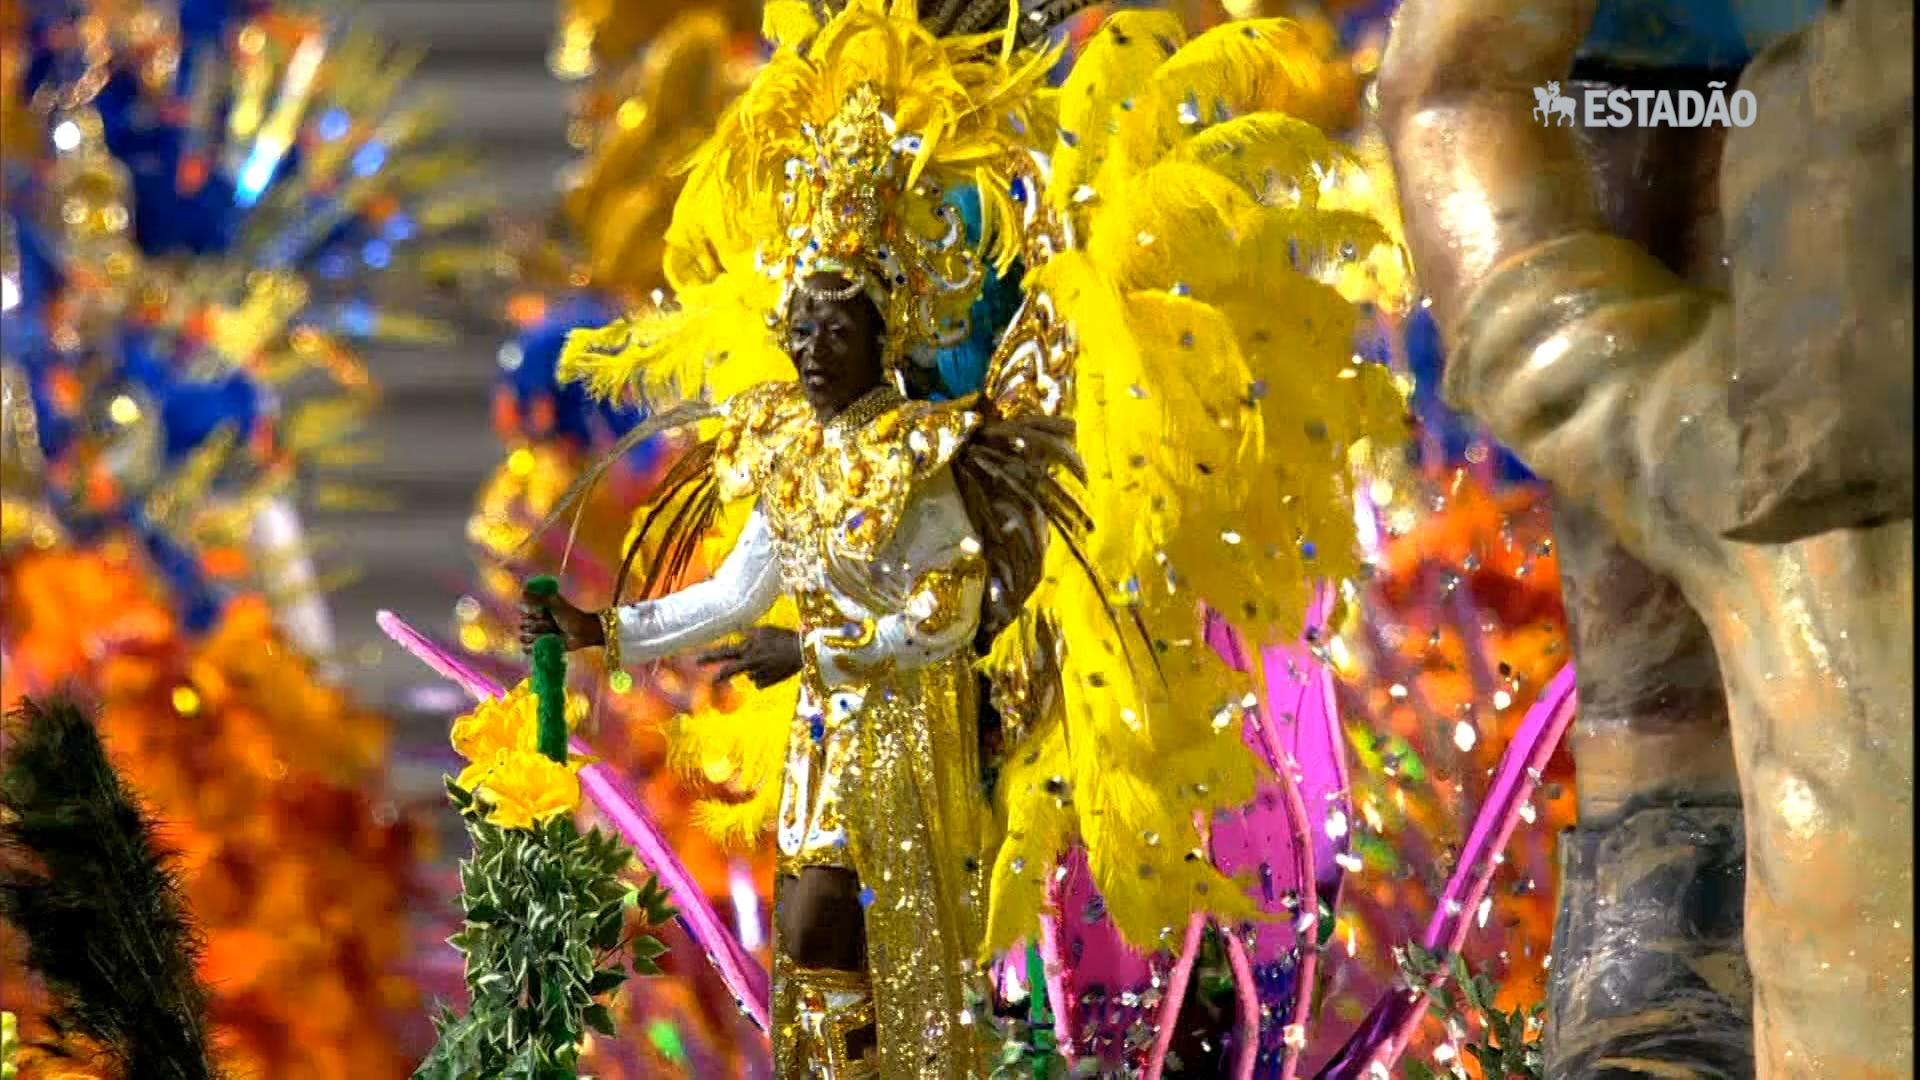 Assista a trechos do desfile da Acadêmicos do Tatuapé